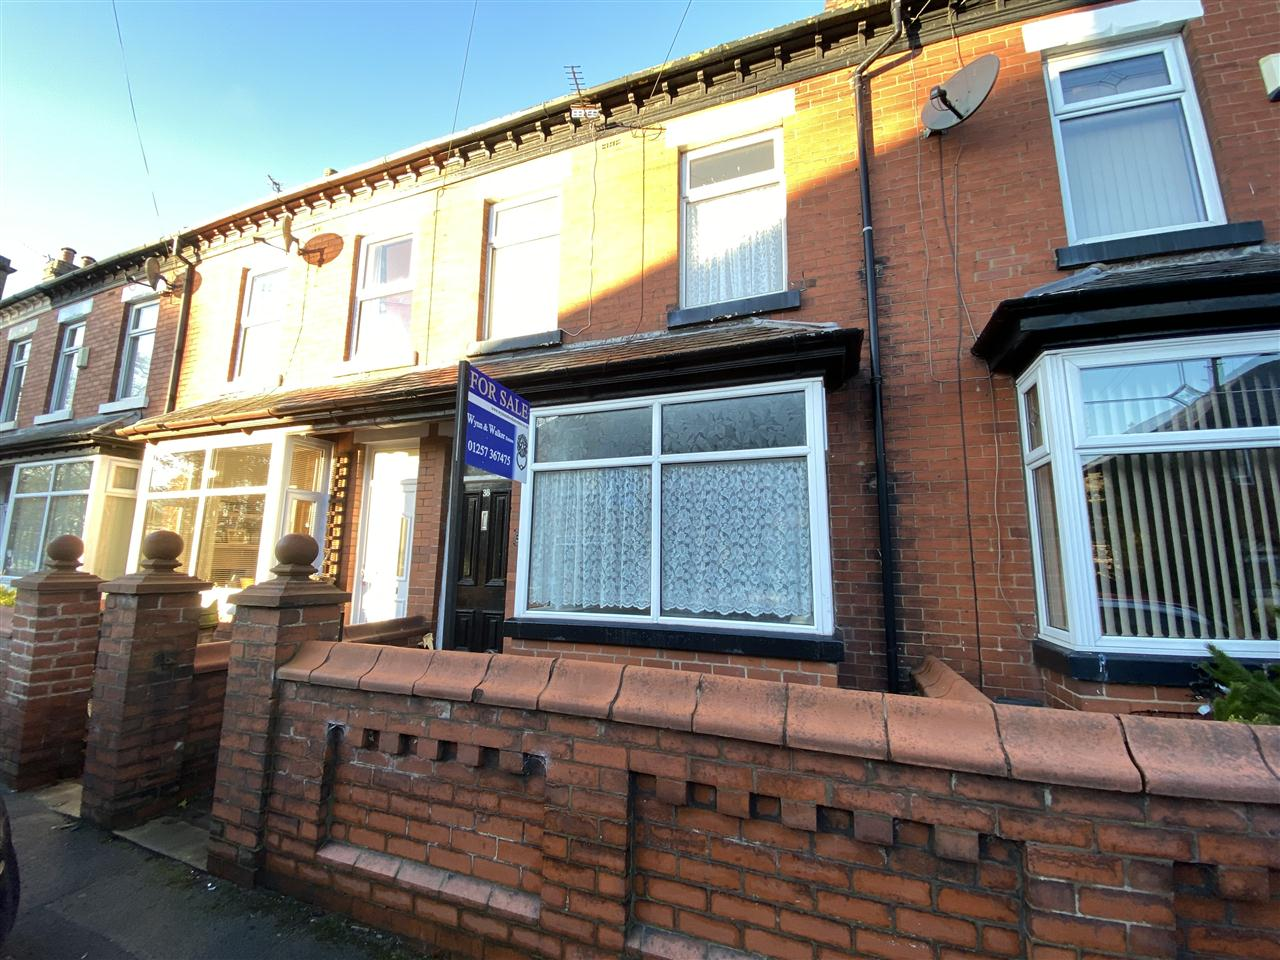 3 bed terraced for sale in Chapel Street, Adlington, PR7